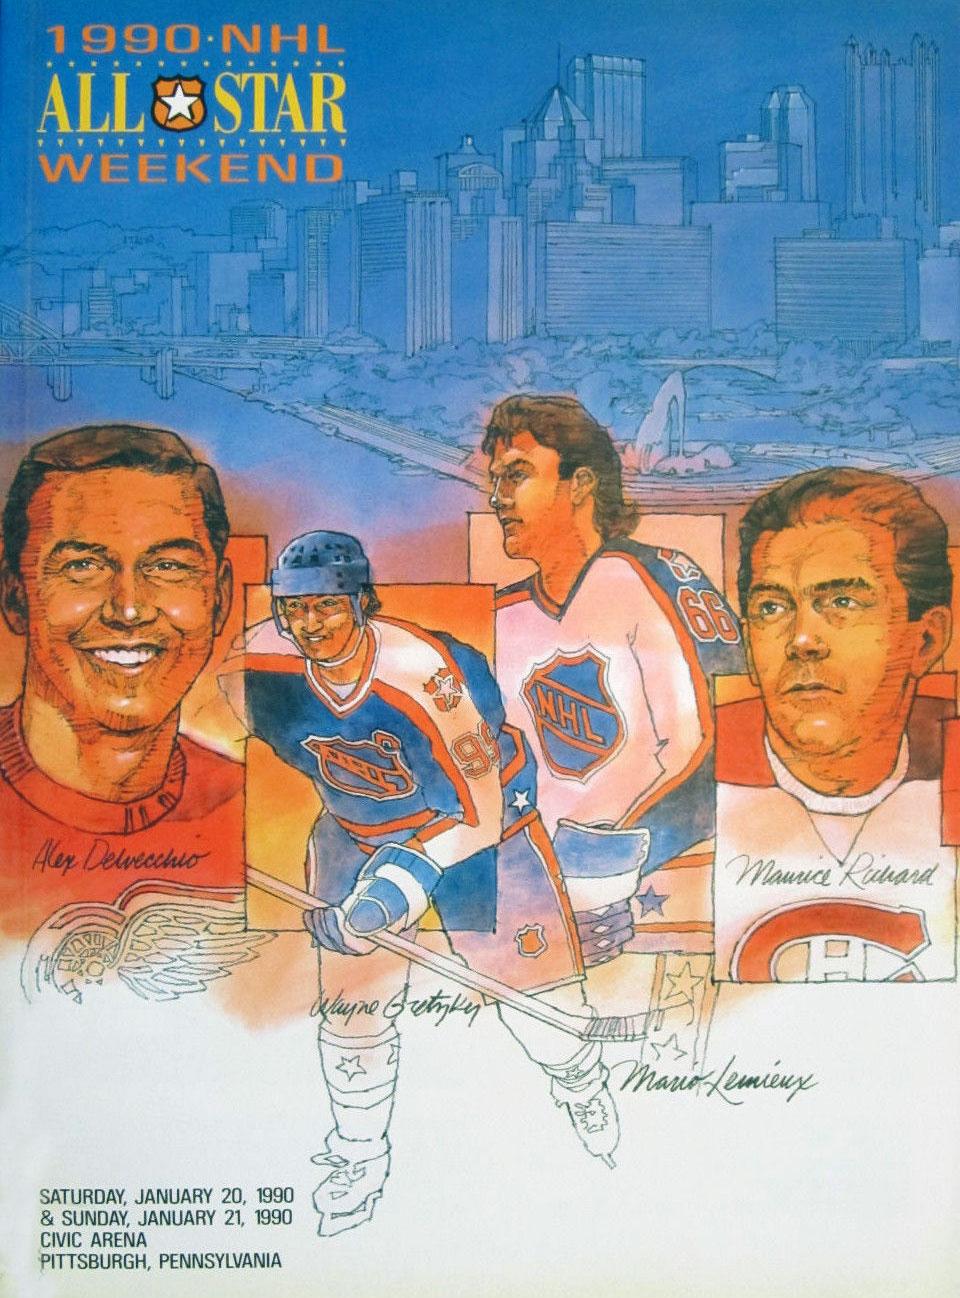 NHL All-Star Game Program Program (1989/90) - 1990 NHL All-Star Game Program - Pittsburgh, PA hosted by Pittsburgh Penguins SportsLogos.Net